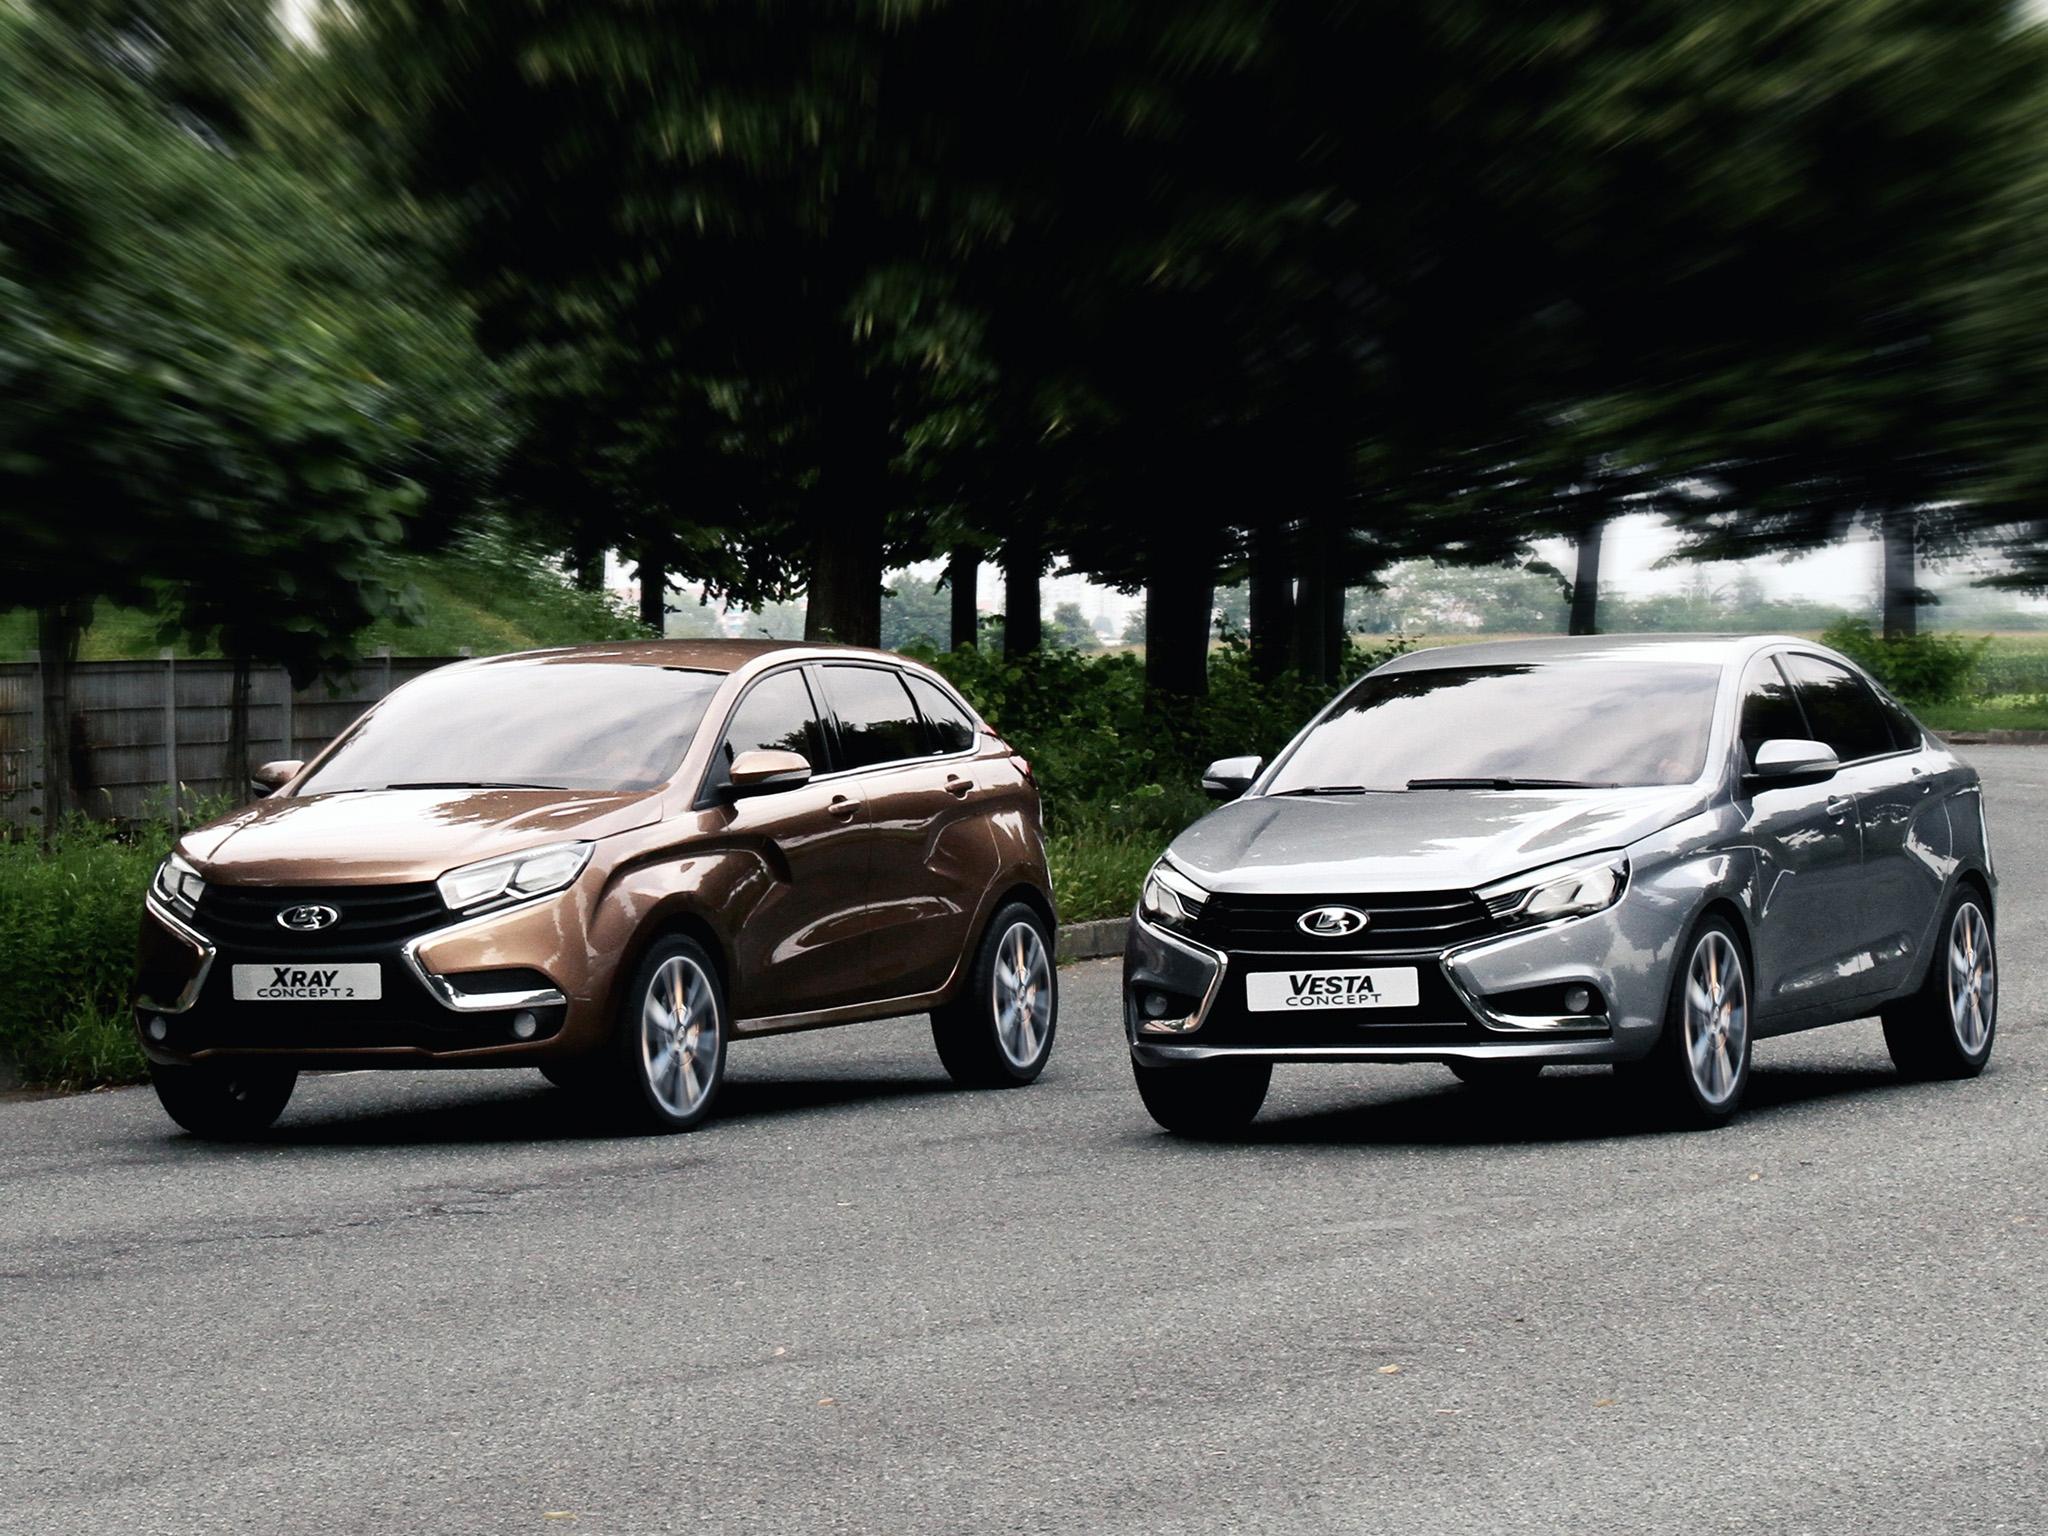 АвтоВАЗ инвестирует в новые модели 100 млрд рублей картинки